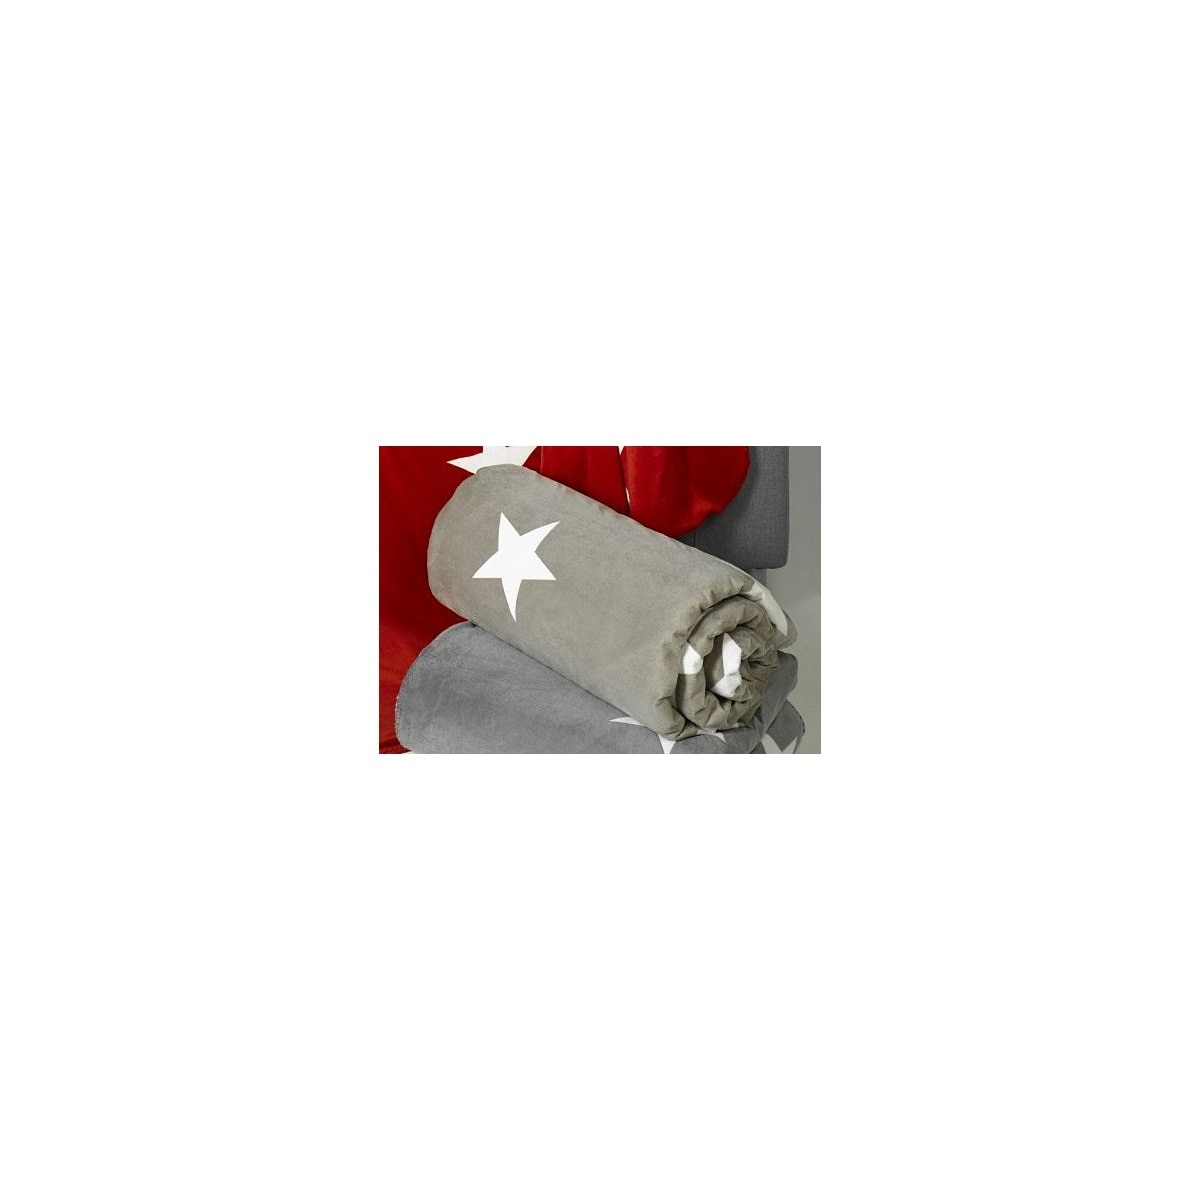 Wohnzimmer Sitzsack Chacos In Weiß Taupe: CasaNOVA Wohndecke STARS Taupe/Weiß